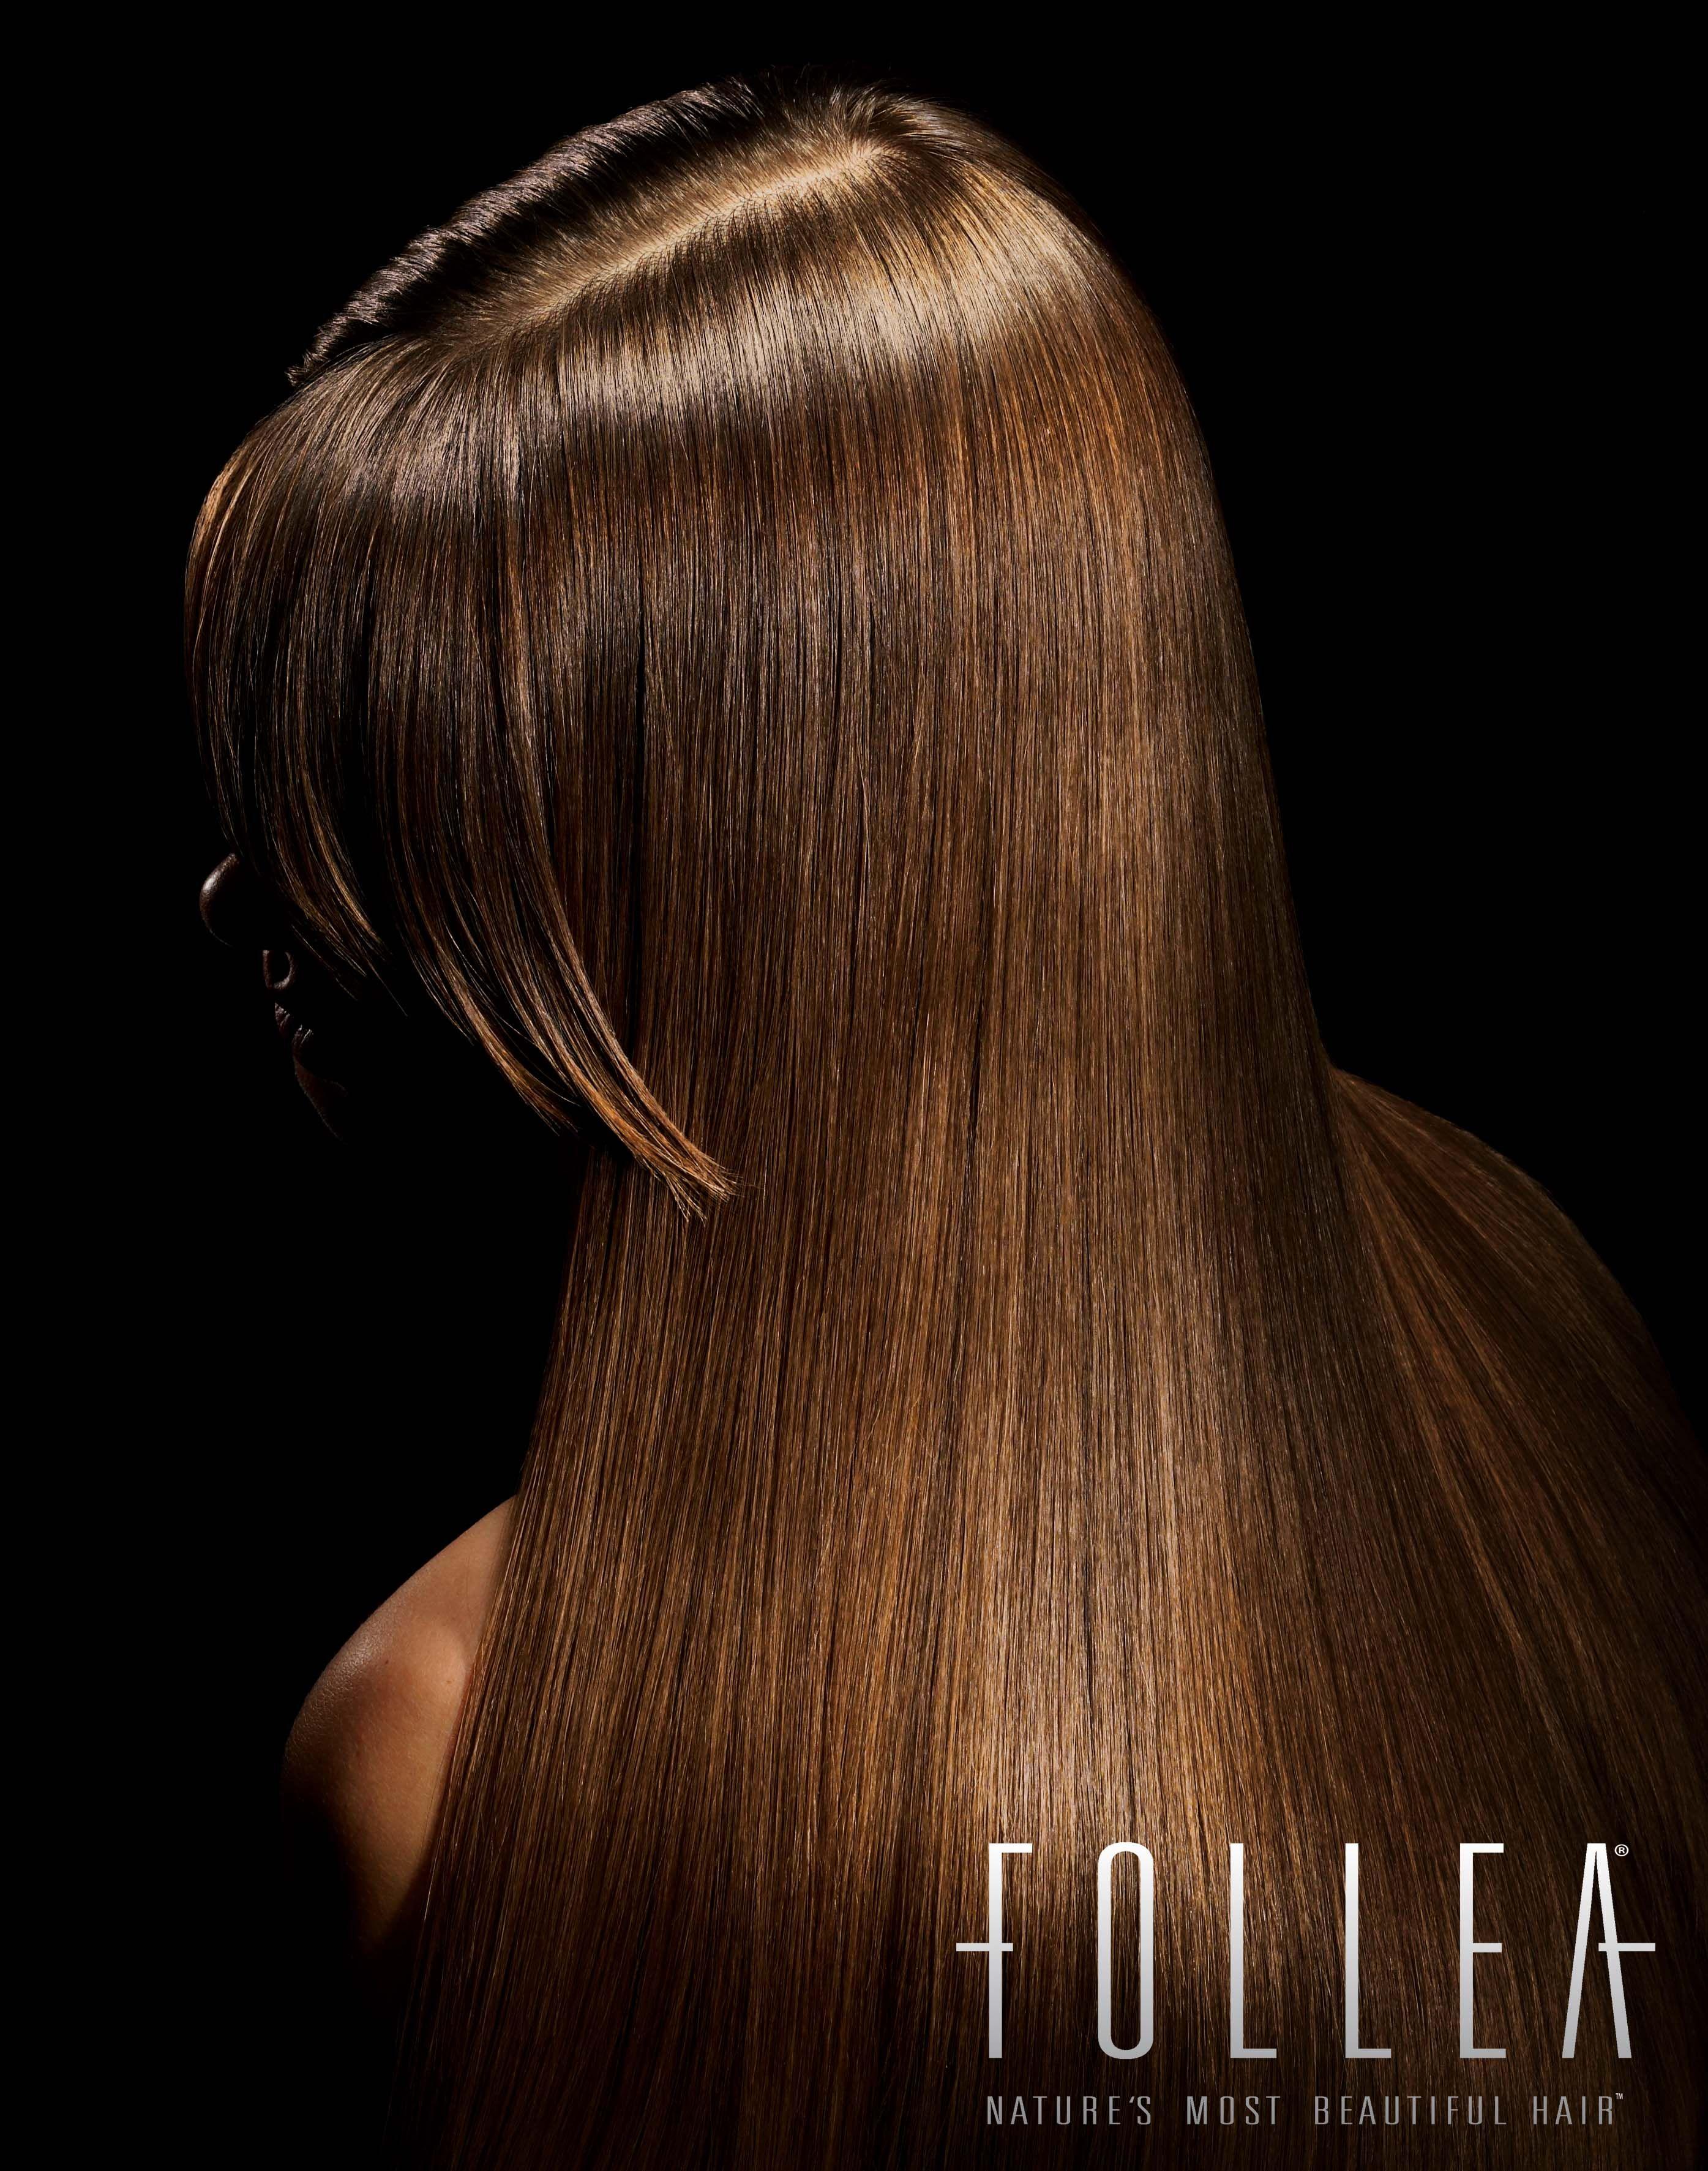 for thinning hair, from transitions hair, follea european hair